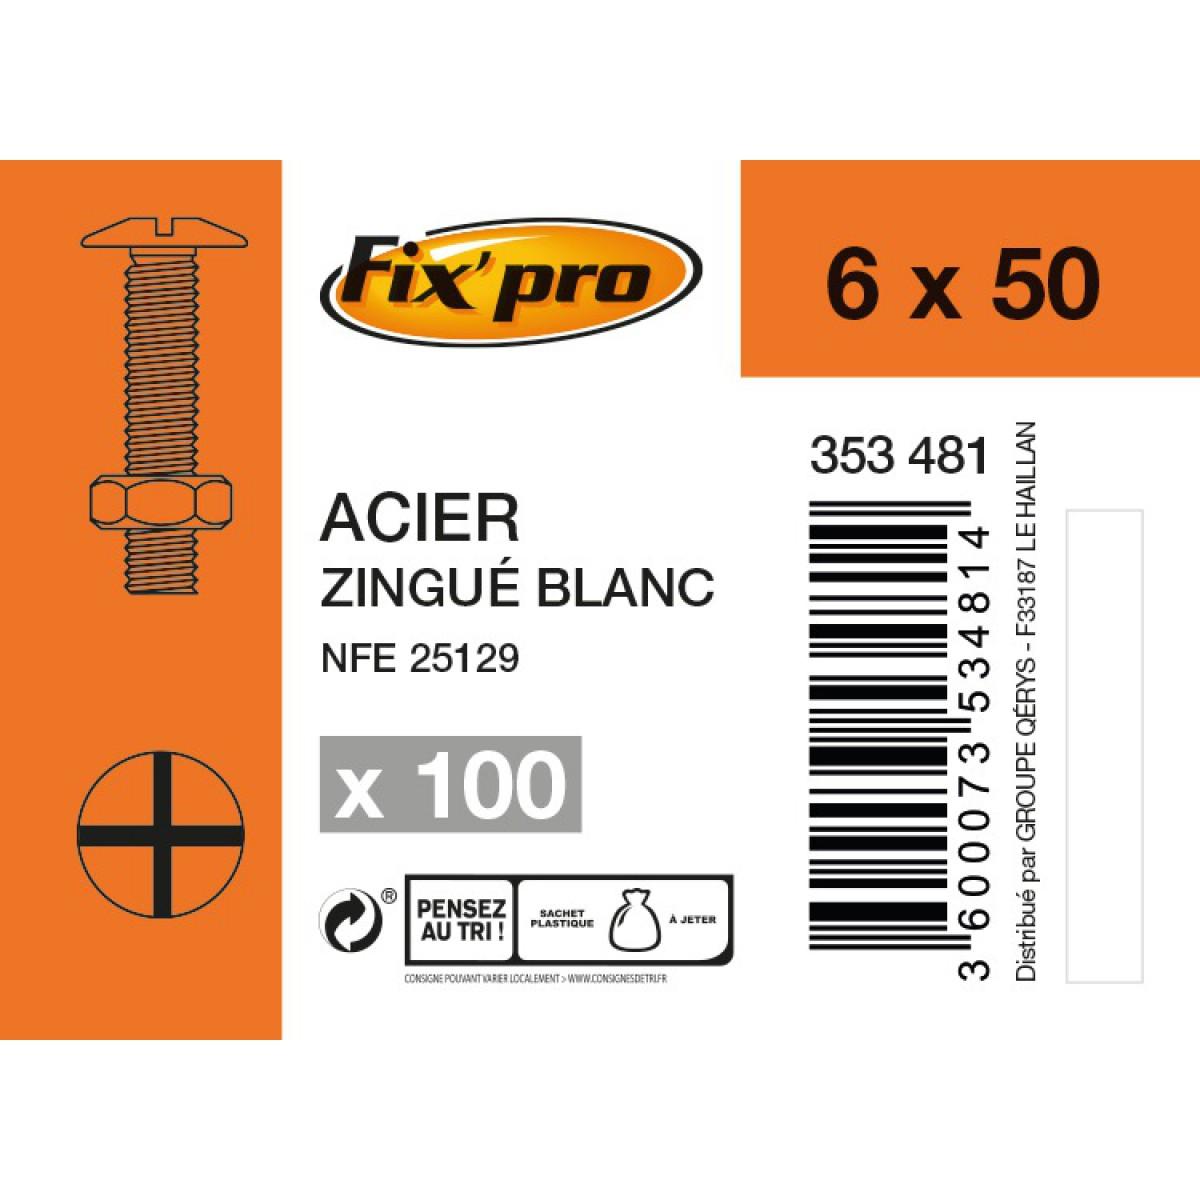 Boulon poêlier acier zingué - 6x50 - 100pces - Fixpro